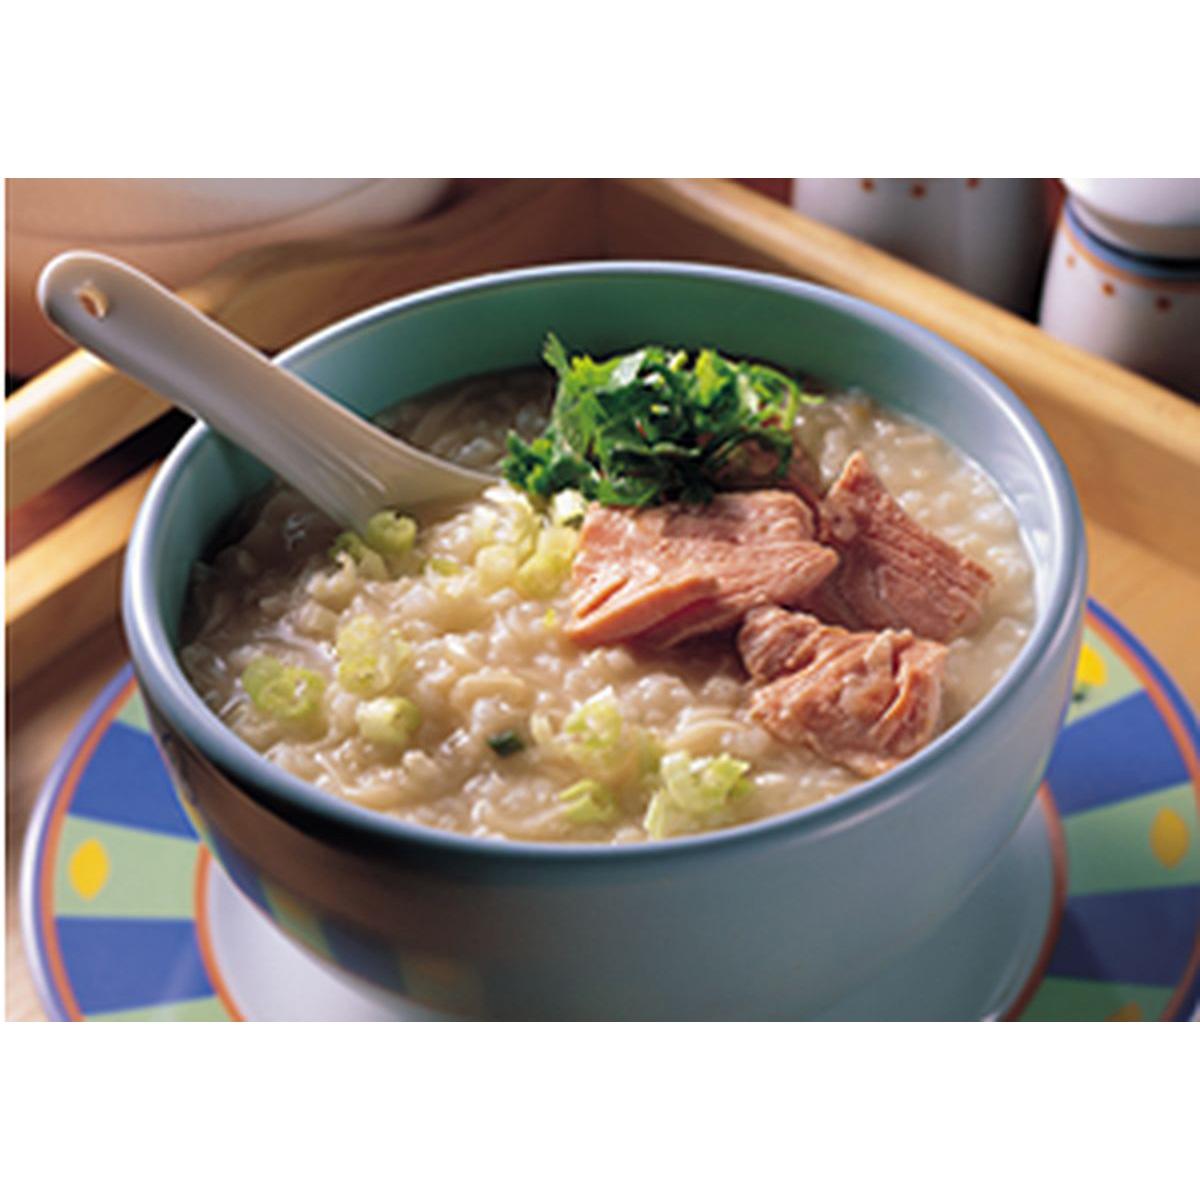 食譜:魚片泡麵粥